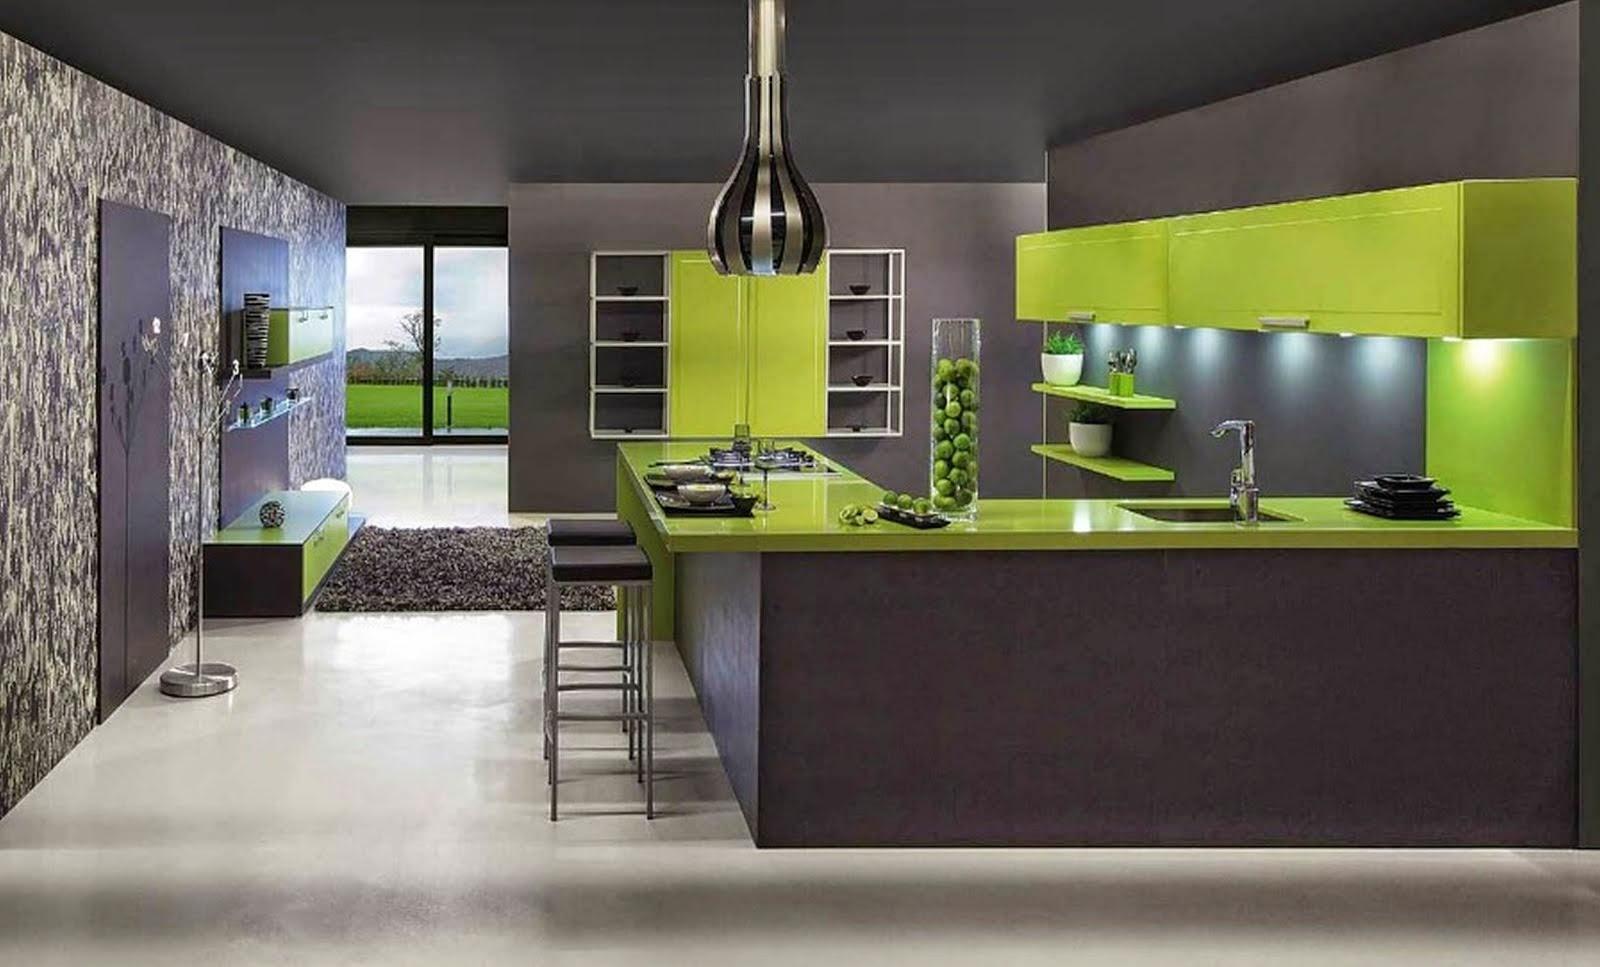 Cucine Disegn-Kitchen Disegn